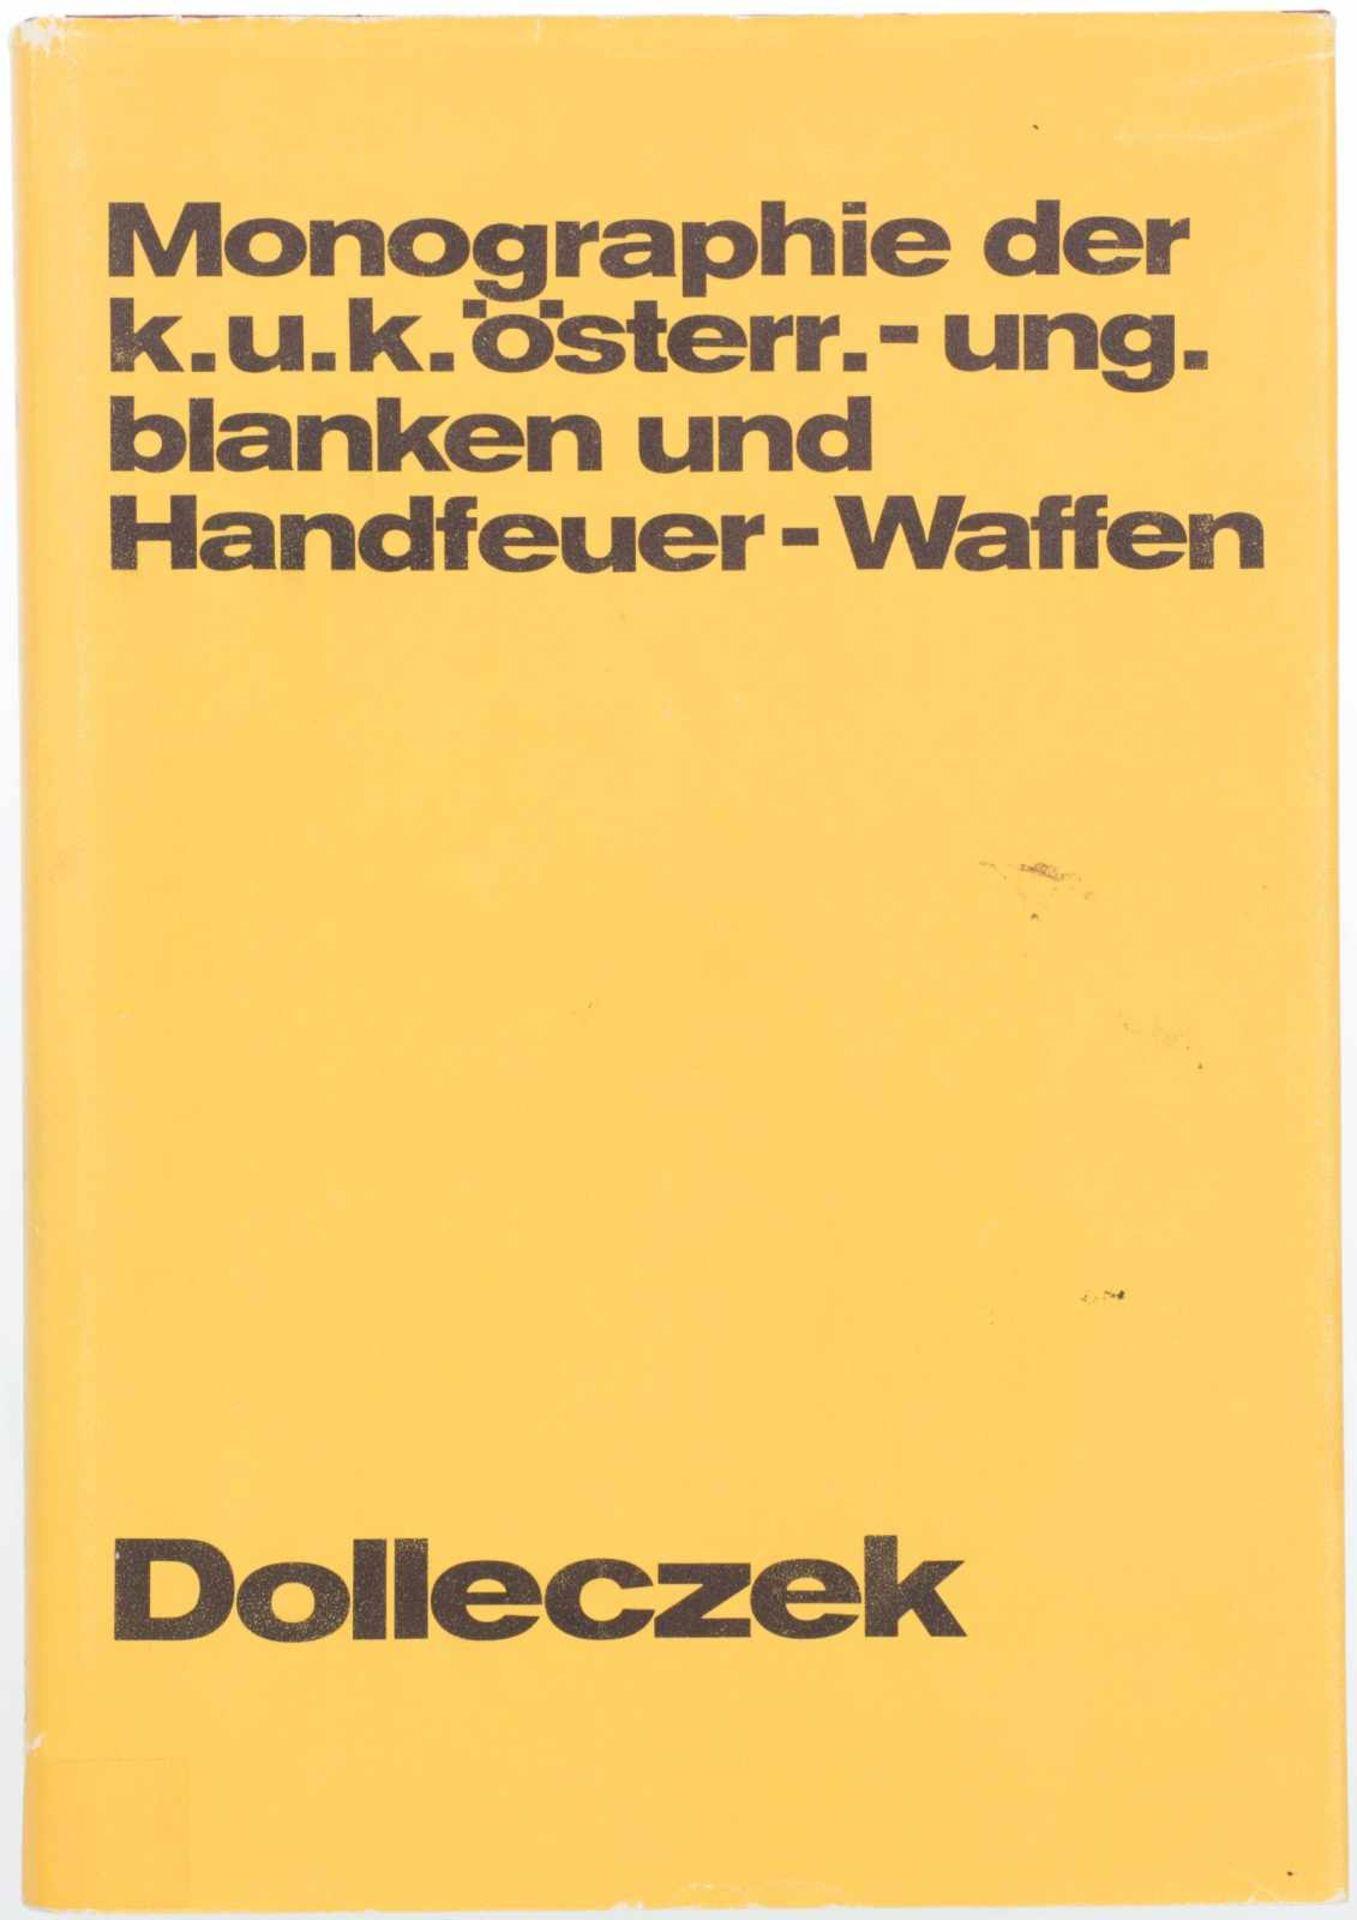 Monographie der k.u.k. österreichisch-ungarisch blanken und Handfeuer-Waffen, Dolleczek@